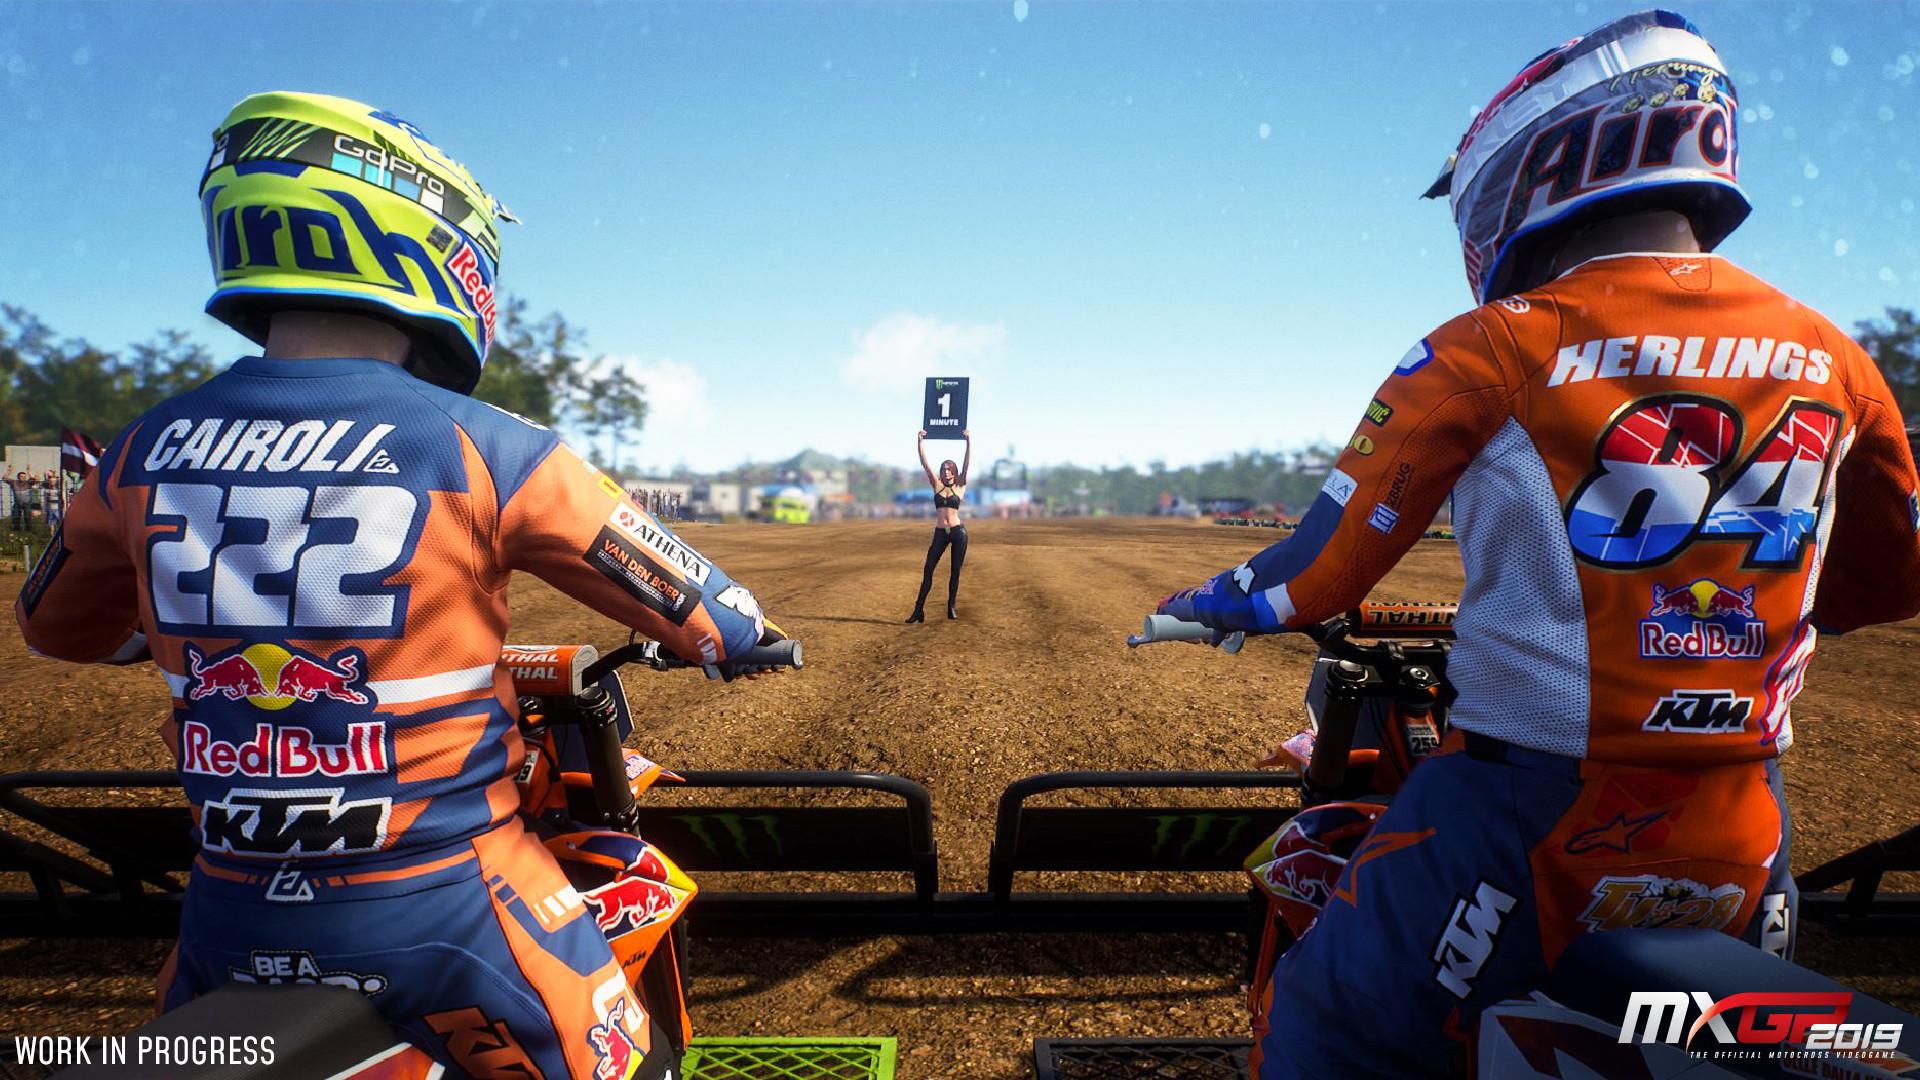 Milestone ha annunciato il lancio di MXGP 2019, nuovo capitolo dell'amatissima serie ufficiale del FIM Motocross World Championship, disponibile...